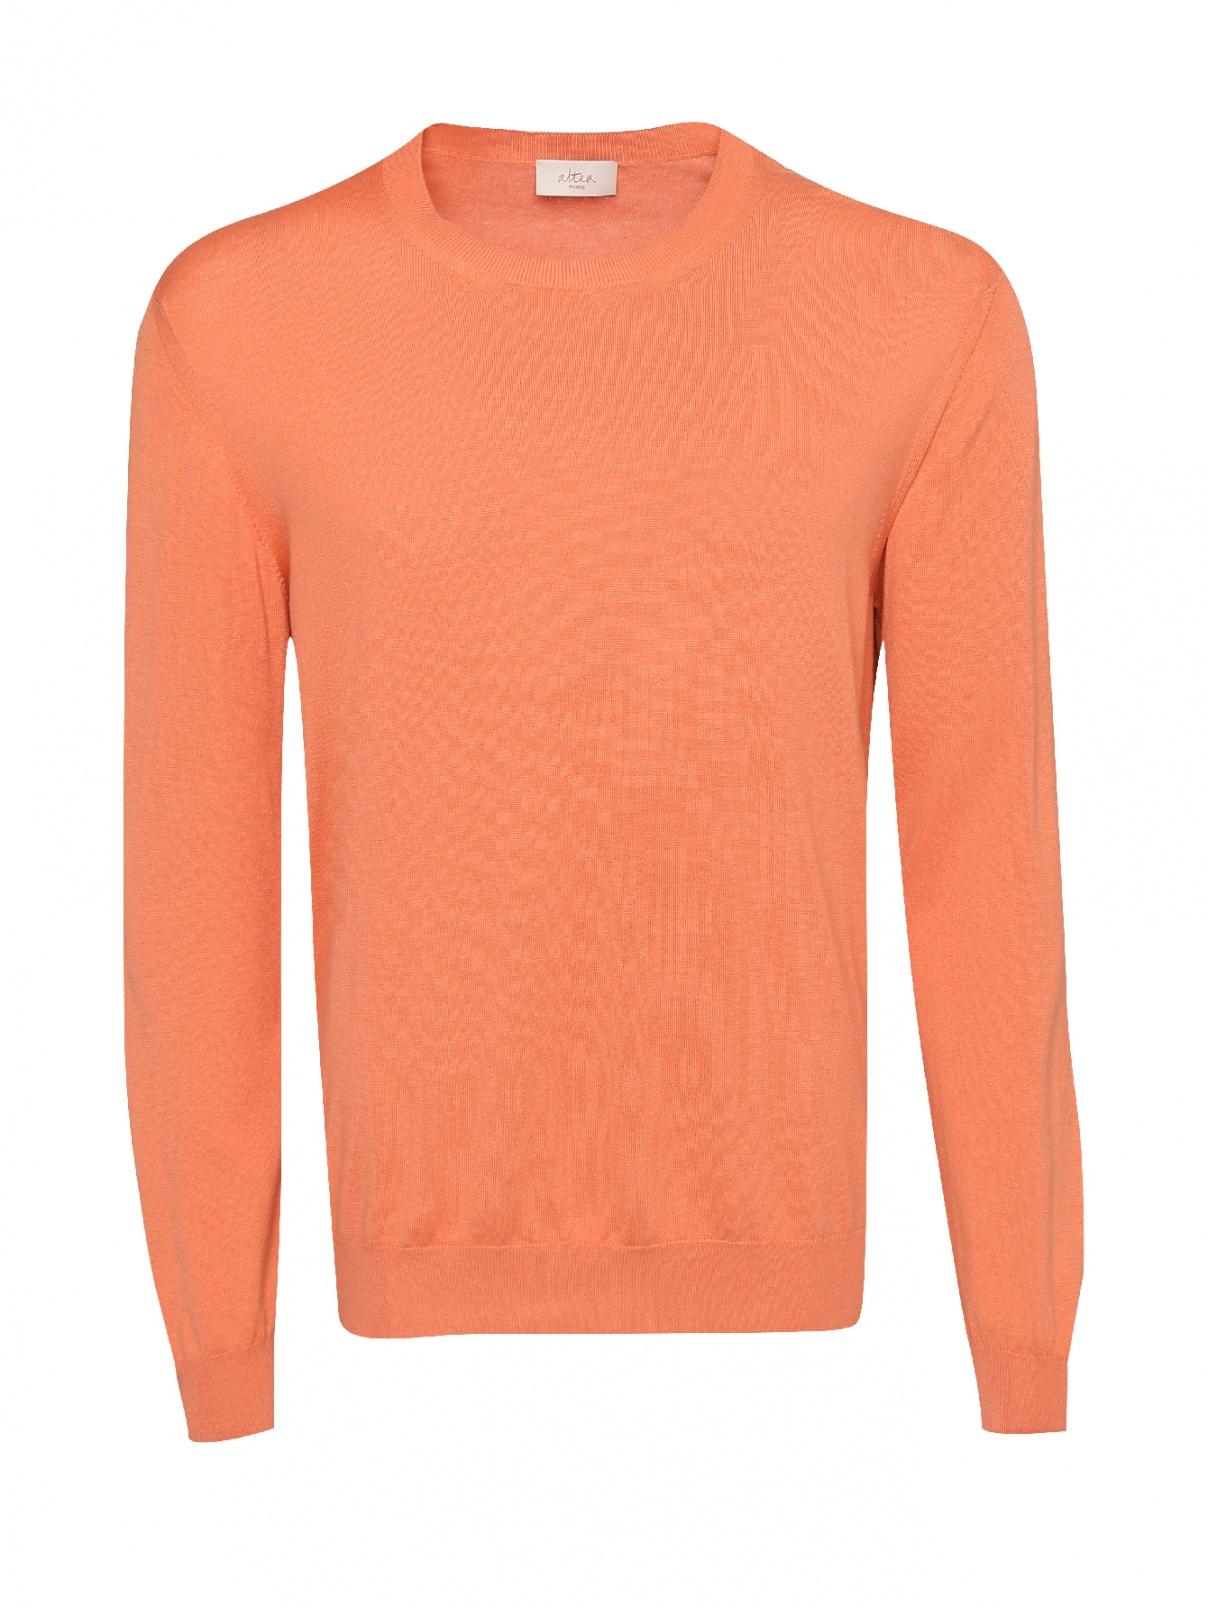 Джемпер из шелка и хлопка Altea  –  Общий вид  – Цвет:  Оранжевый